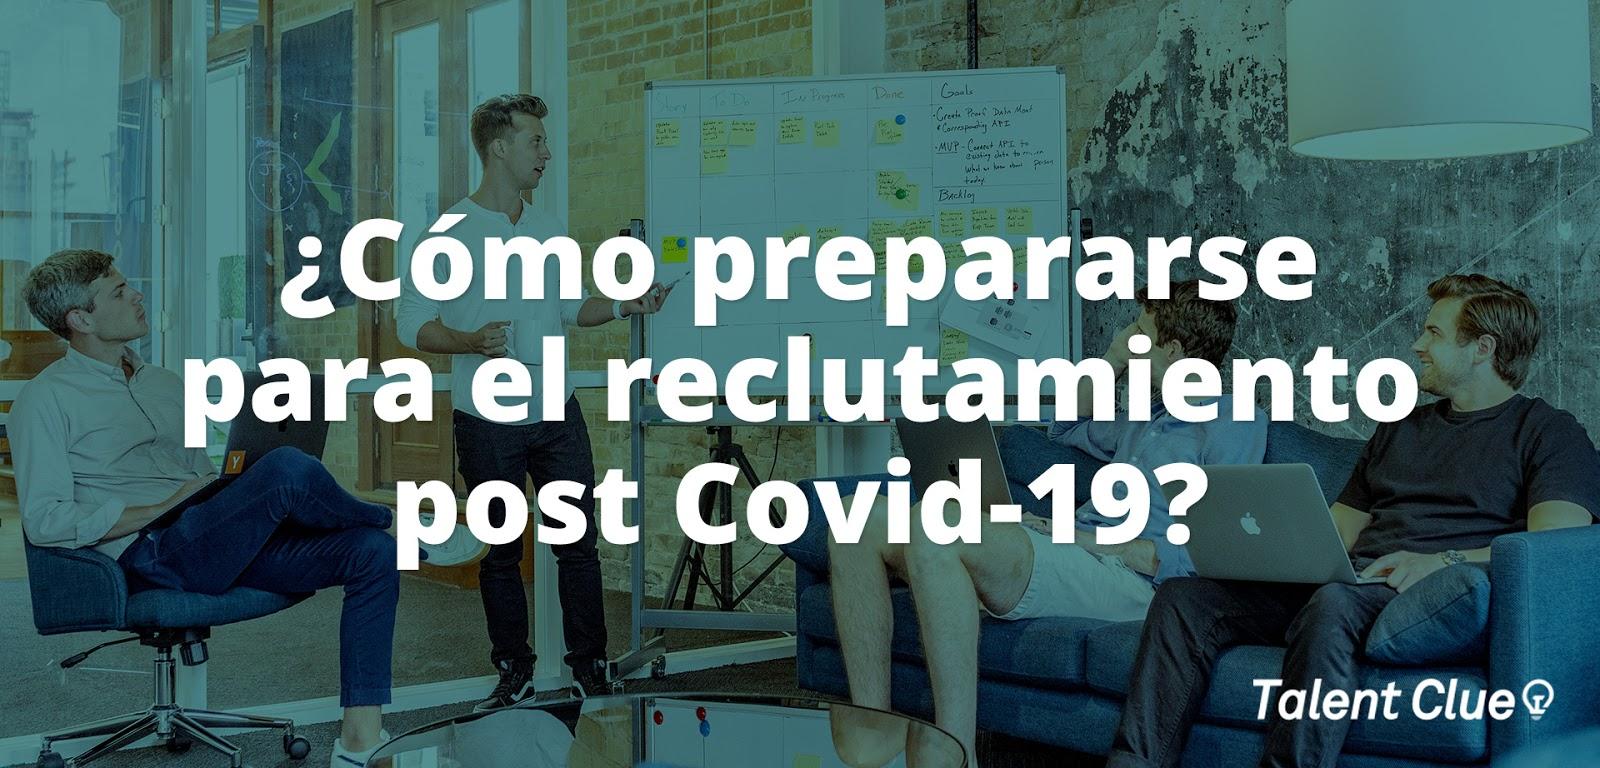 ¿Cómo podemos prepararnos para el reclutamiento post Covid-19?